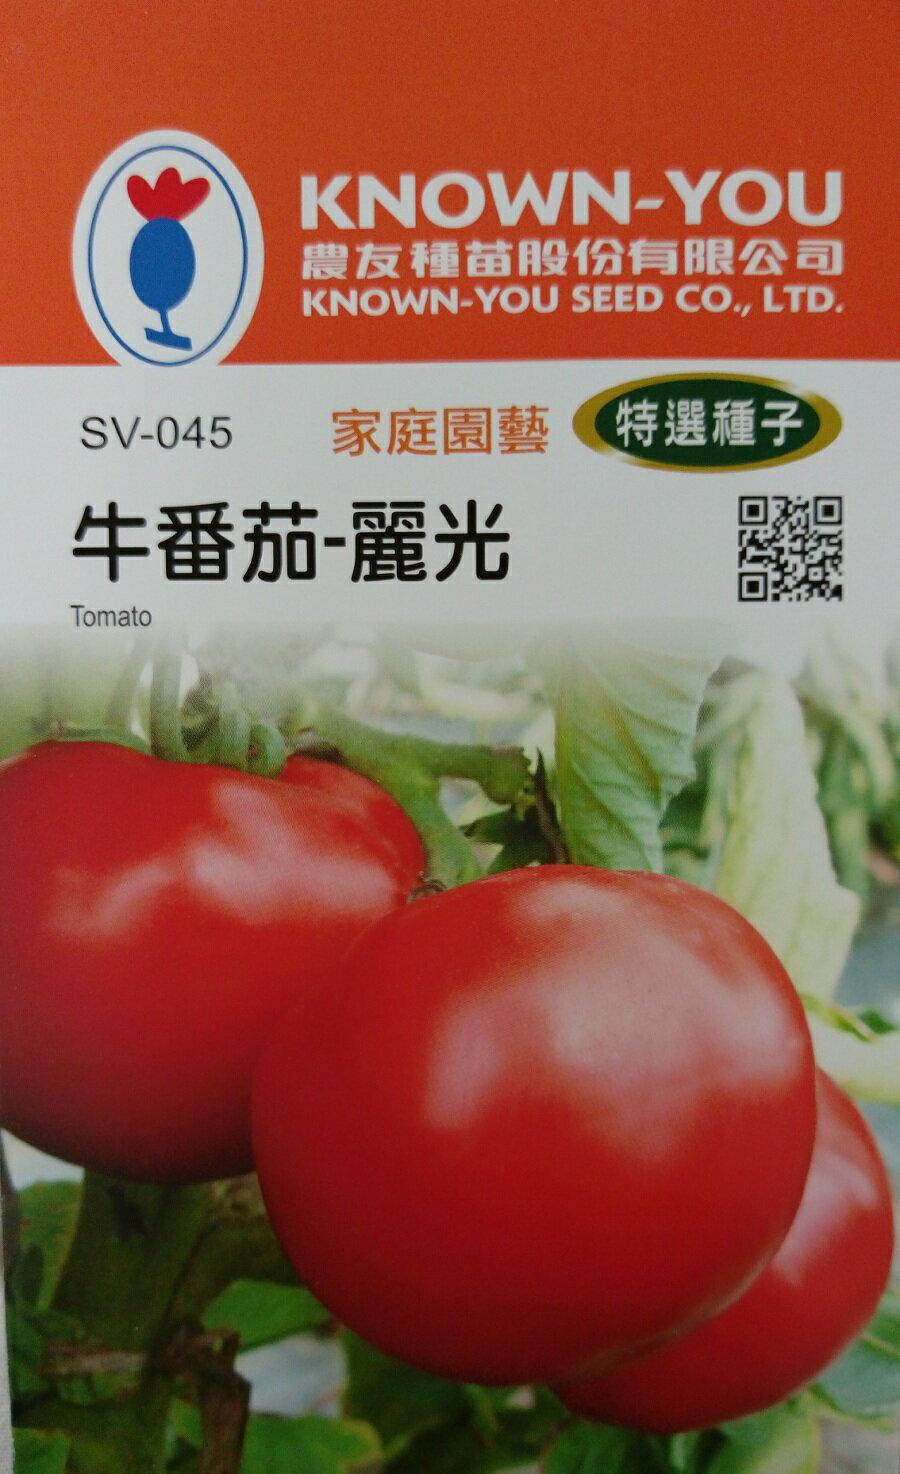 """【尋花趣】牛番茄-麗光 農友種苗 """"特選蔬果種子"""" 每包約20粒 保證新鮮種子"""